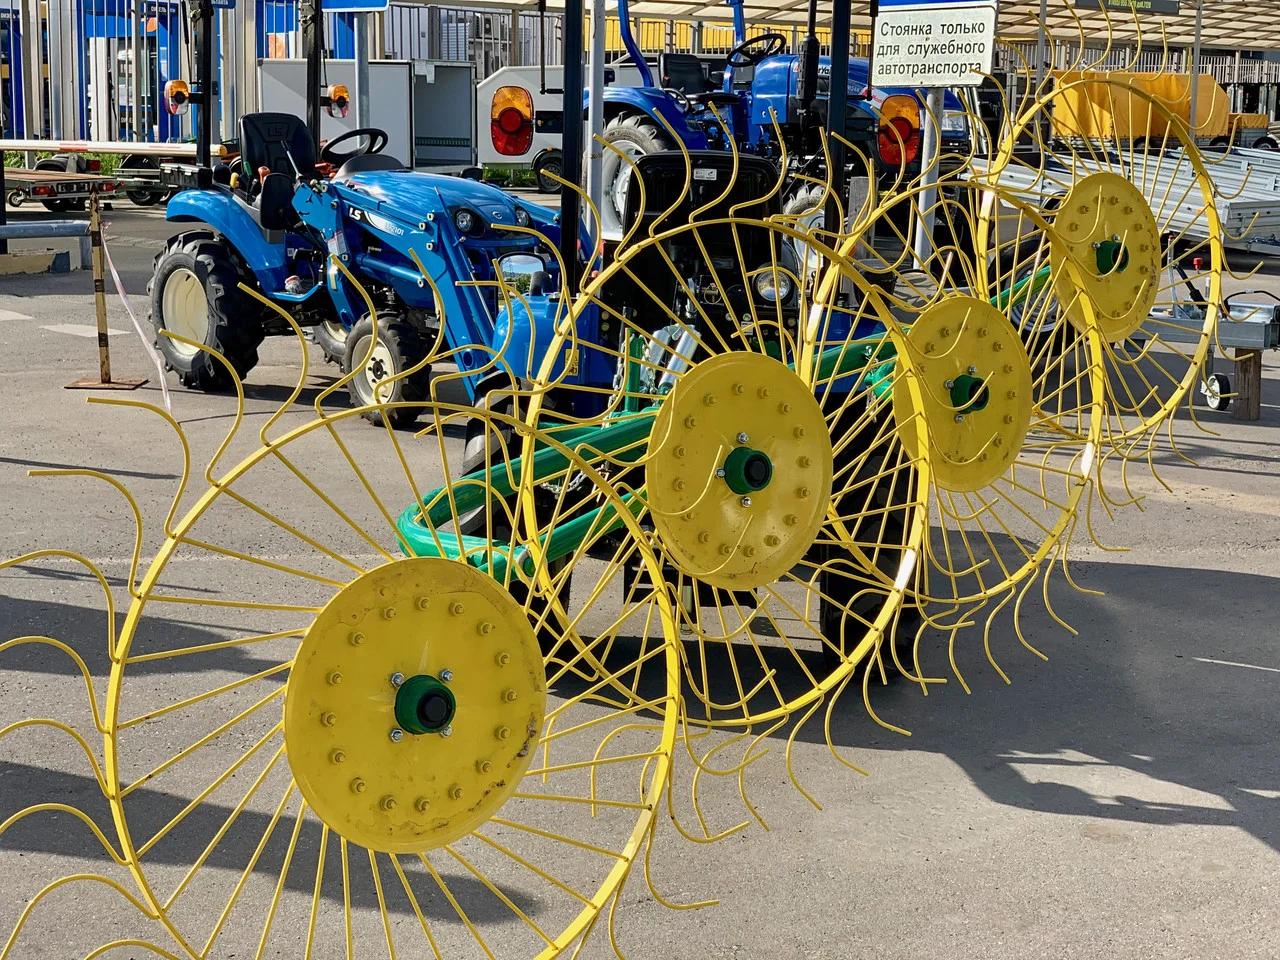 применение тракторных граблей-ворошилок — рассматриваем все нюансы